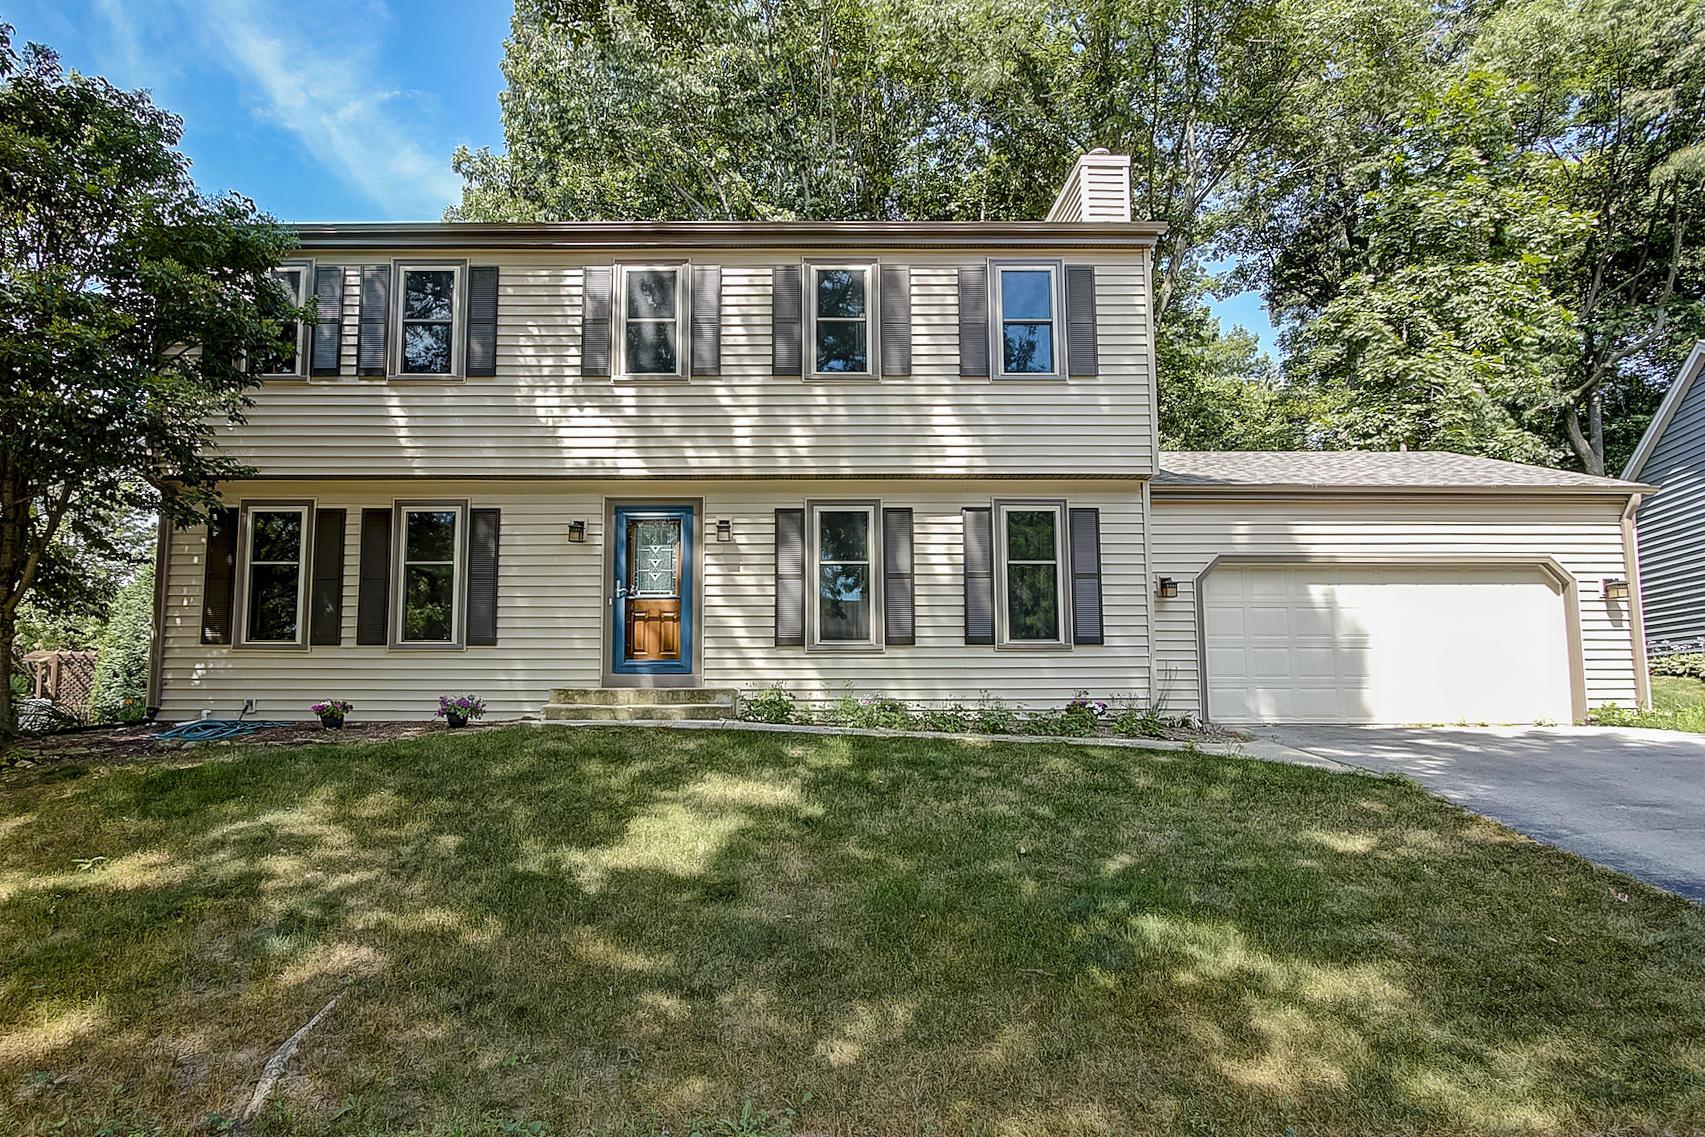 1224 Cavalier Dr, Waukesha, Wisconsin 53186, 4 Bedrooms Bedrooms, 9 Rooms Rooms,2 BathroomsBathrooms,Single-Family,For Sale,Cavalier Dr,1609623